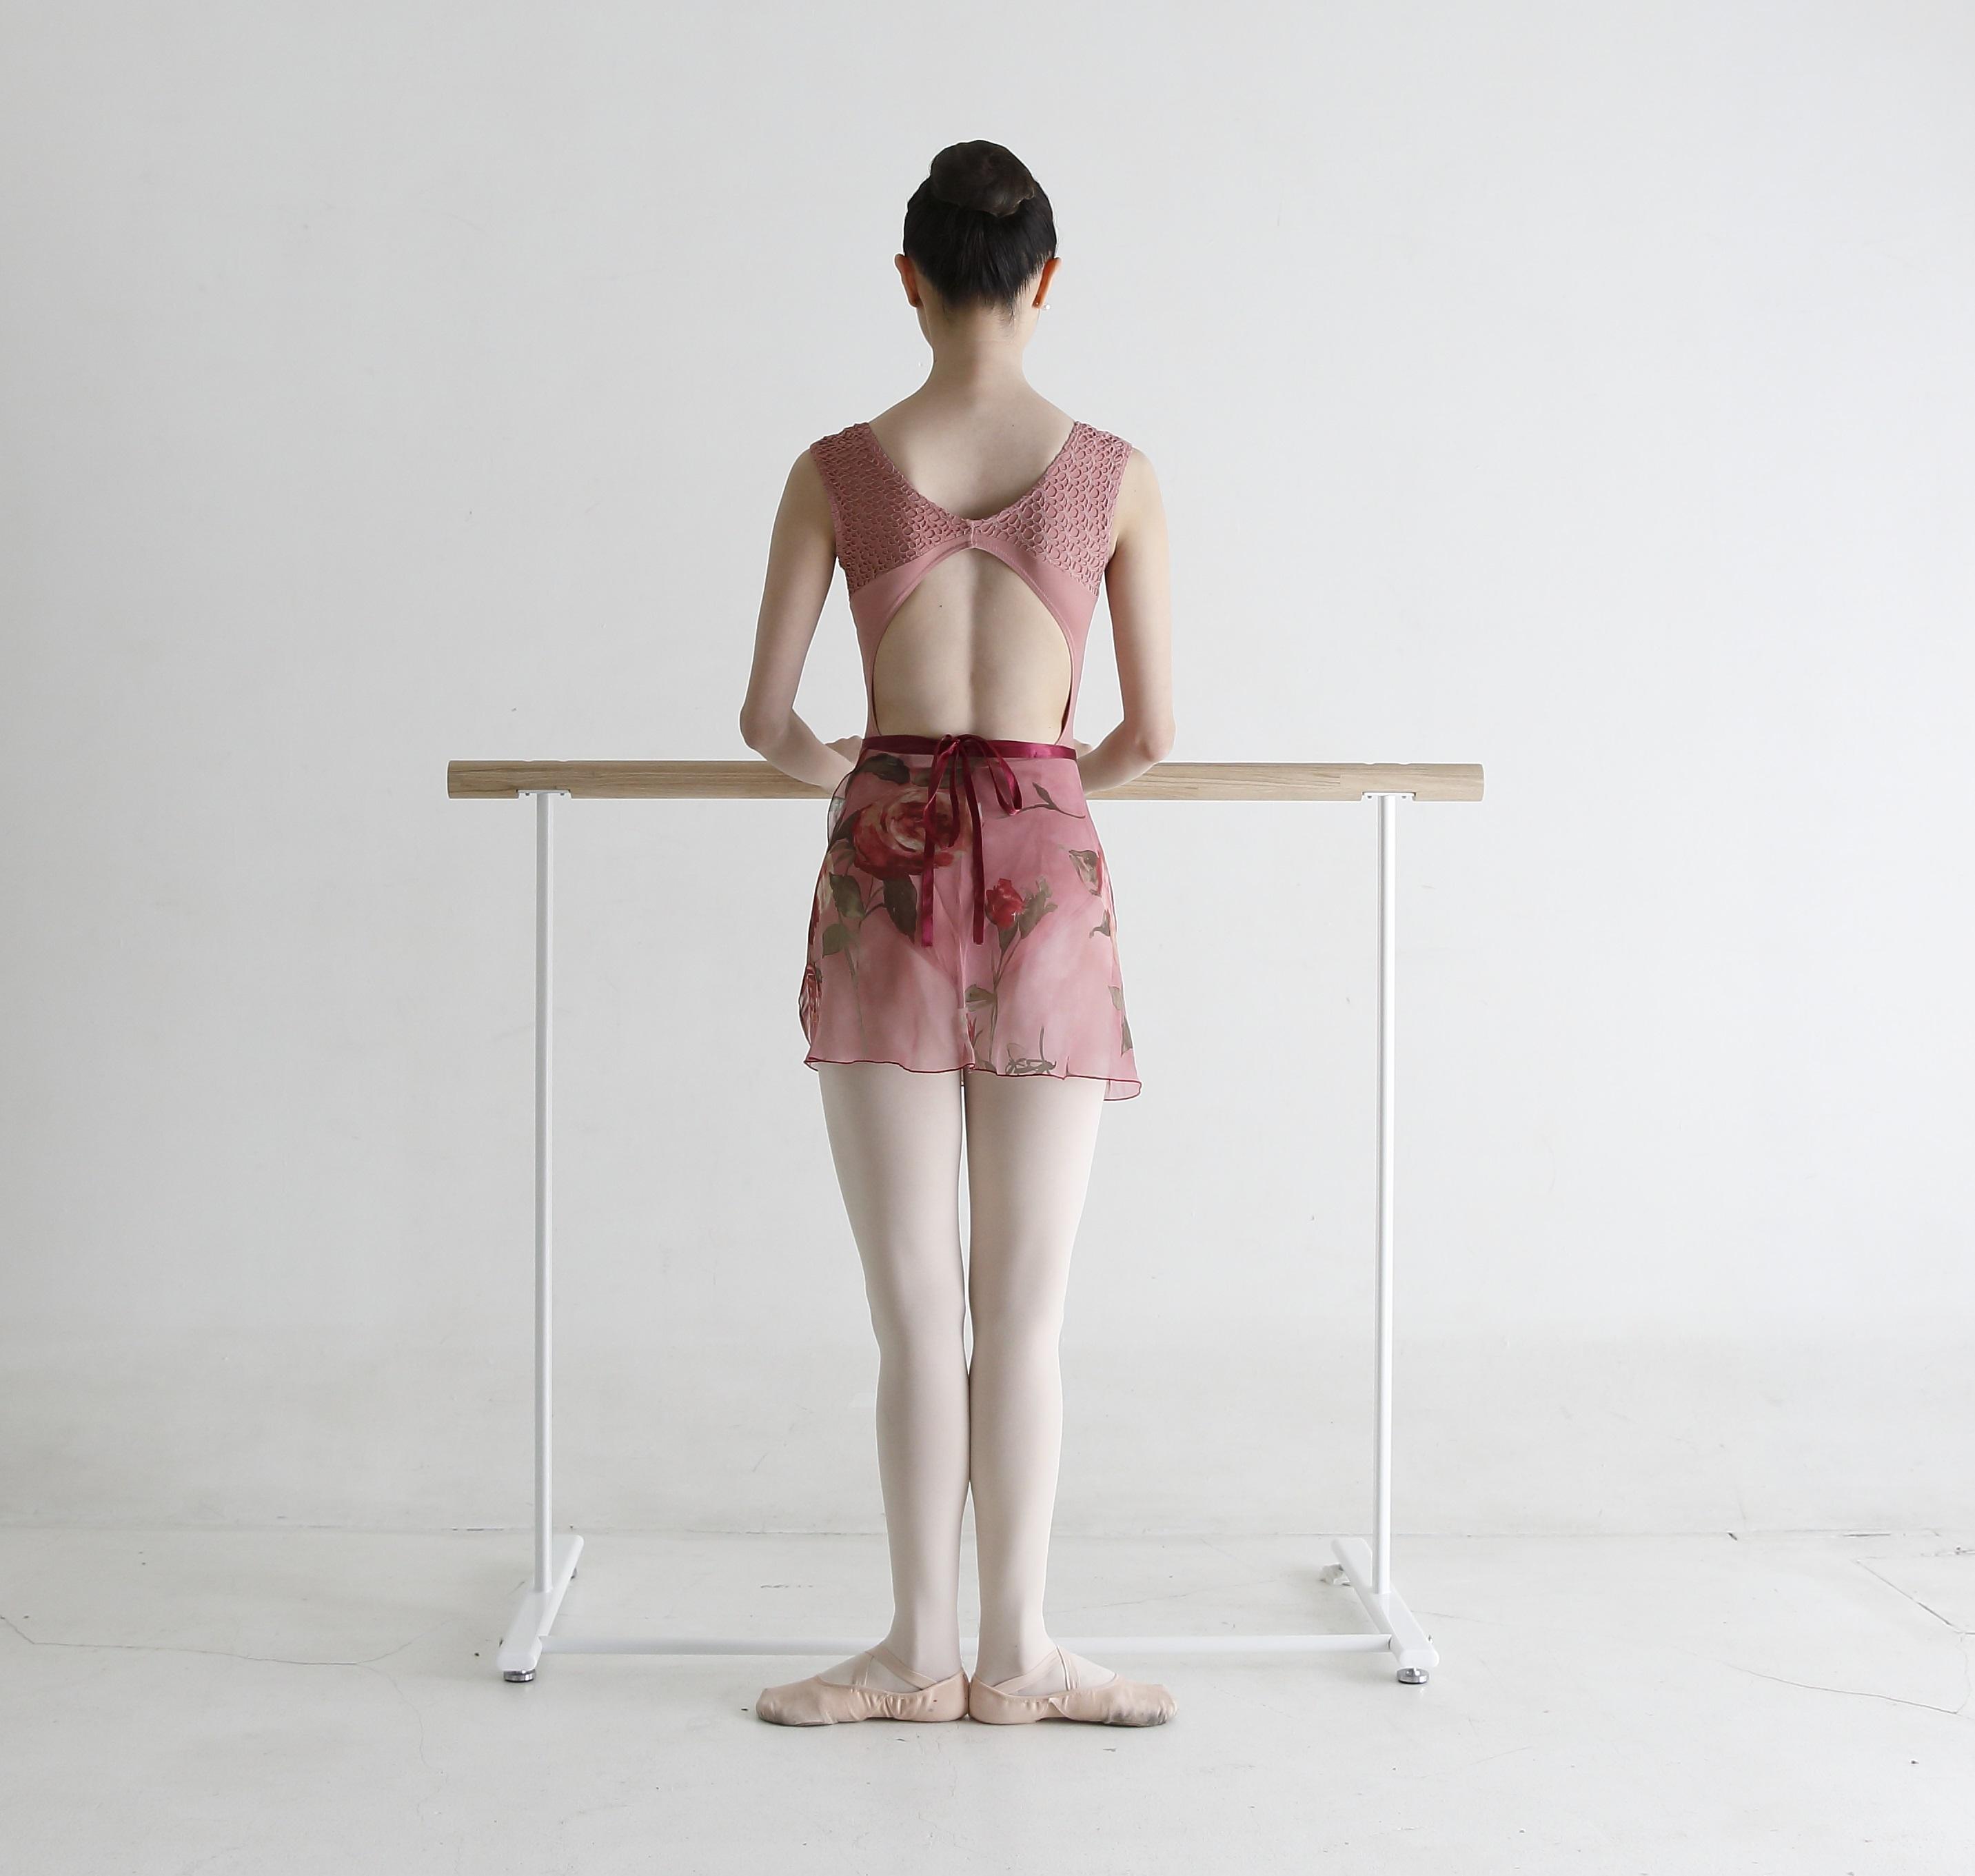 股関節から正しく脚を開き、表現の幅を広げる!「バレエのための解剖学-ターンアウト-」